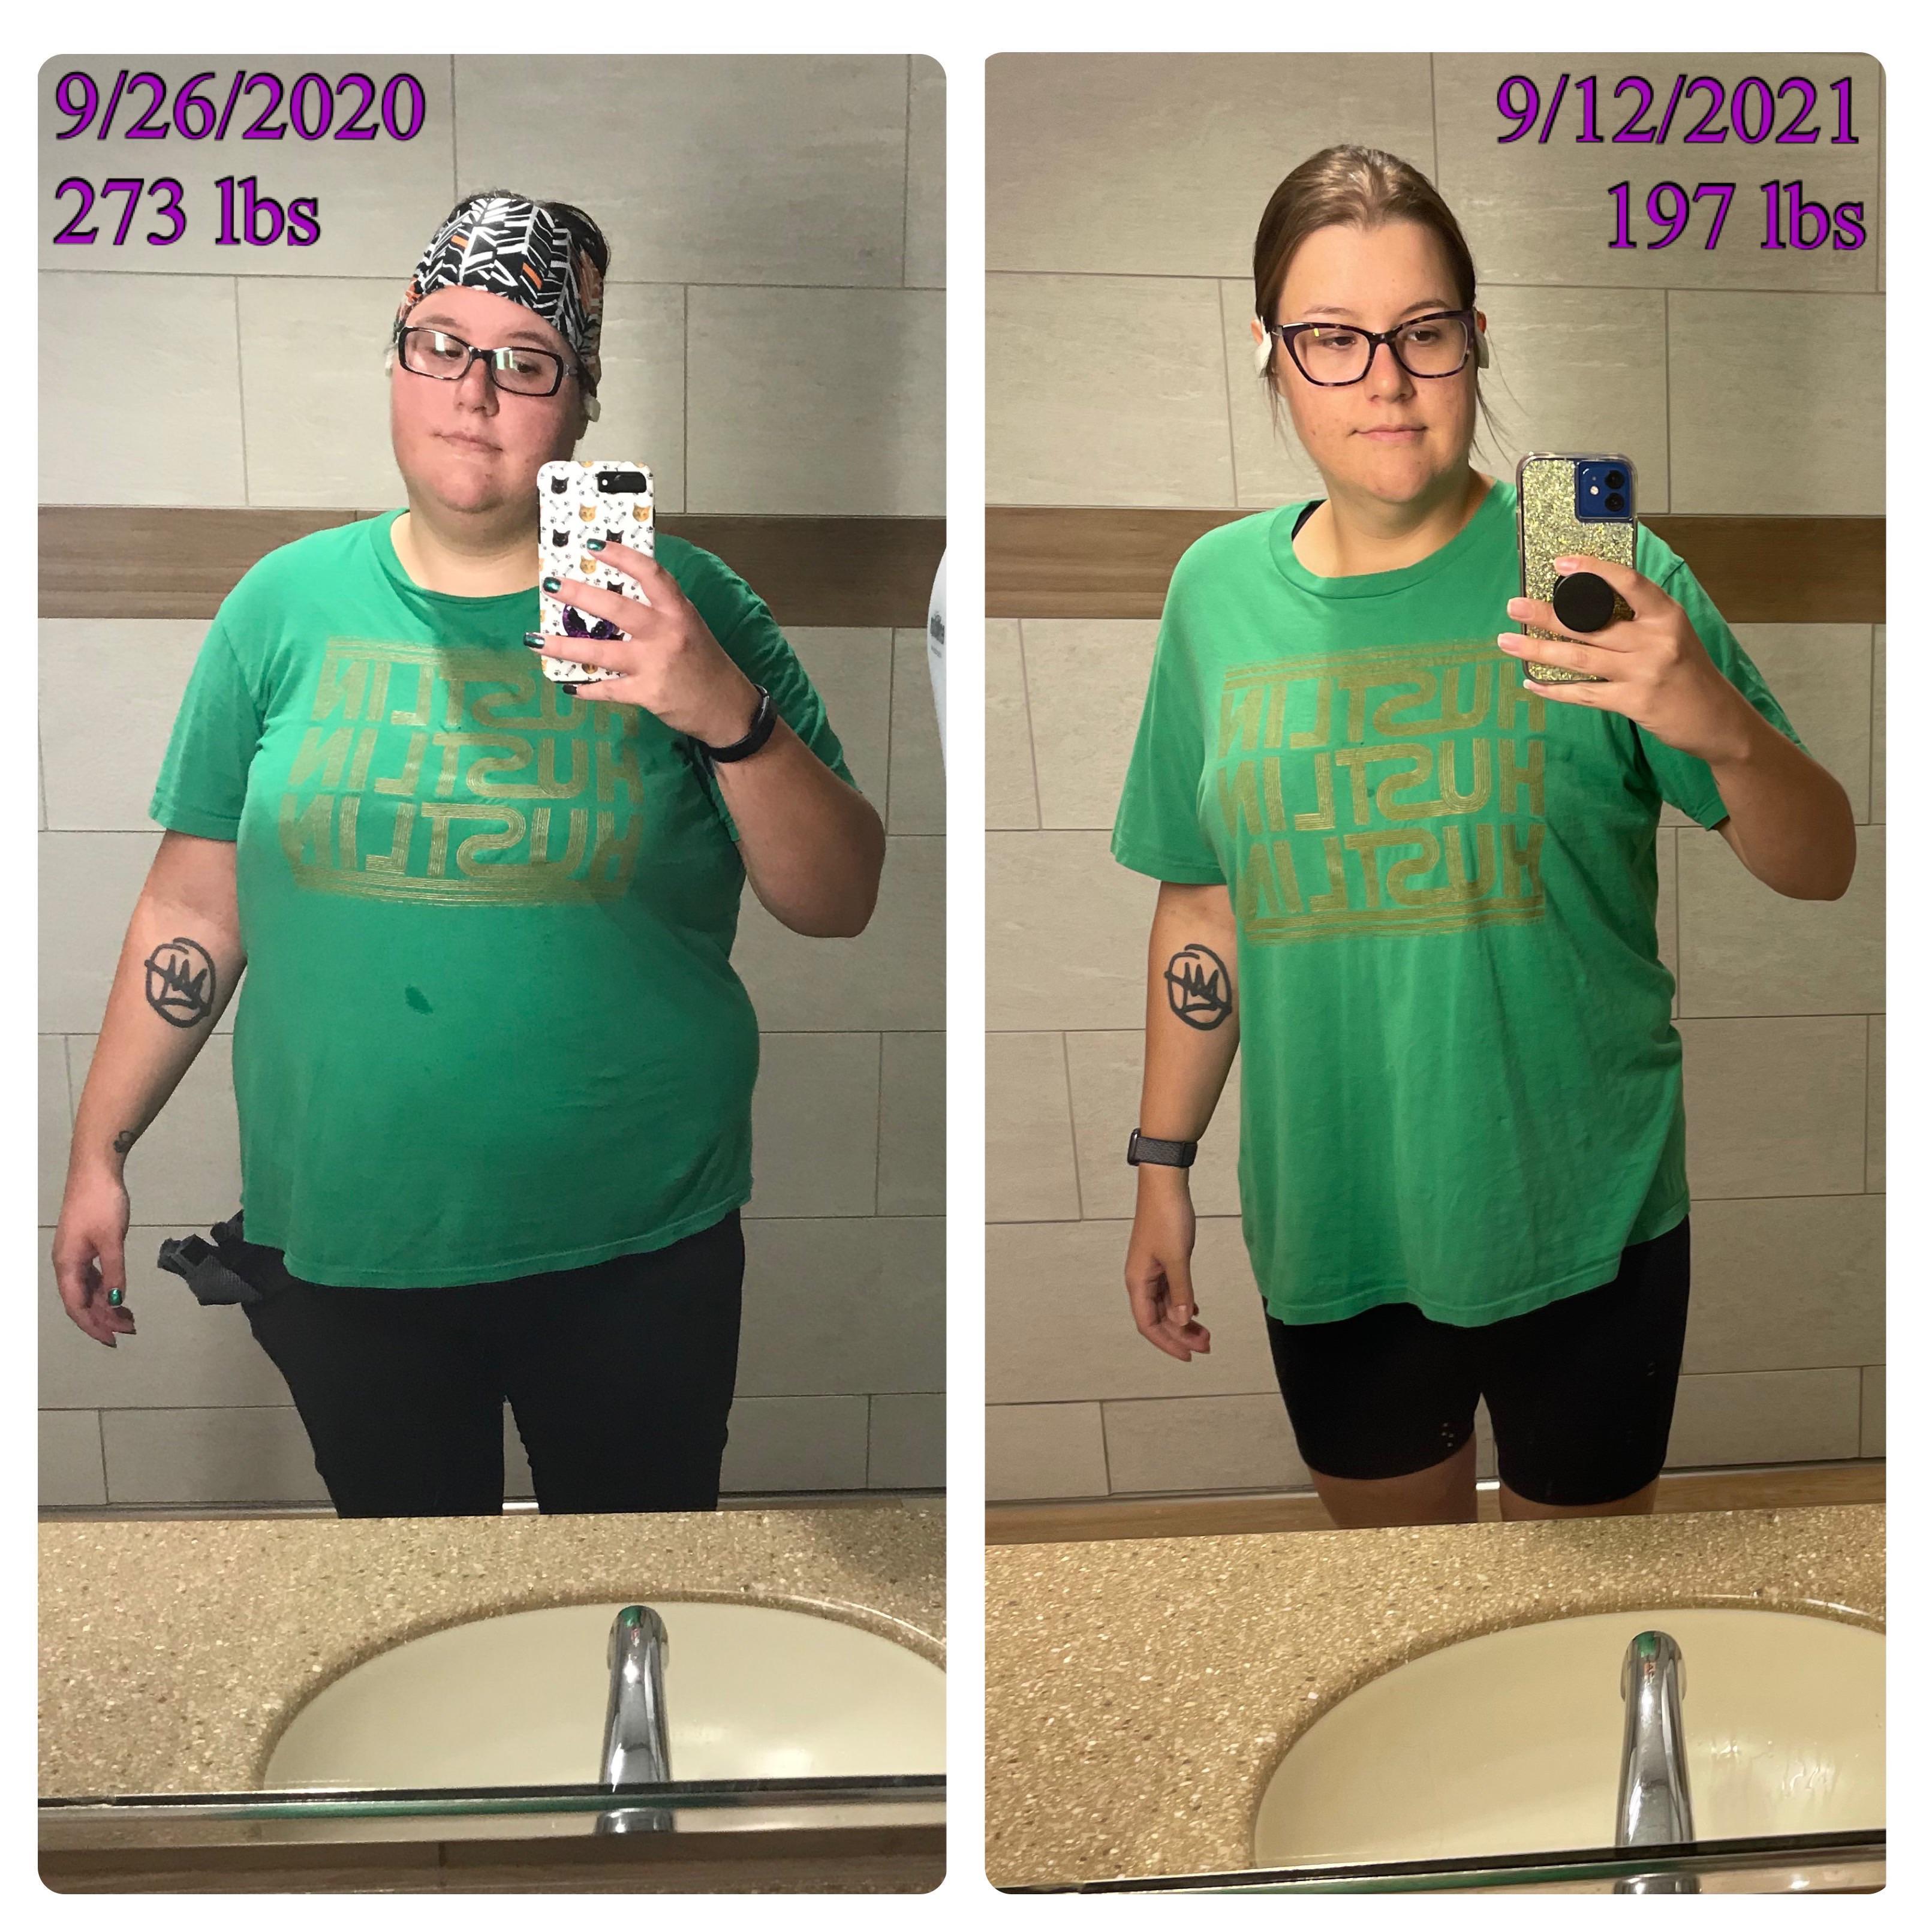 5 feet 11 Female Progress Pics of 93 lbs Fat Loss 290 lbs to 197 lbs